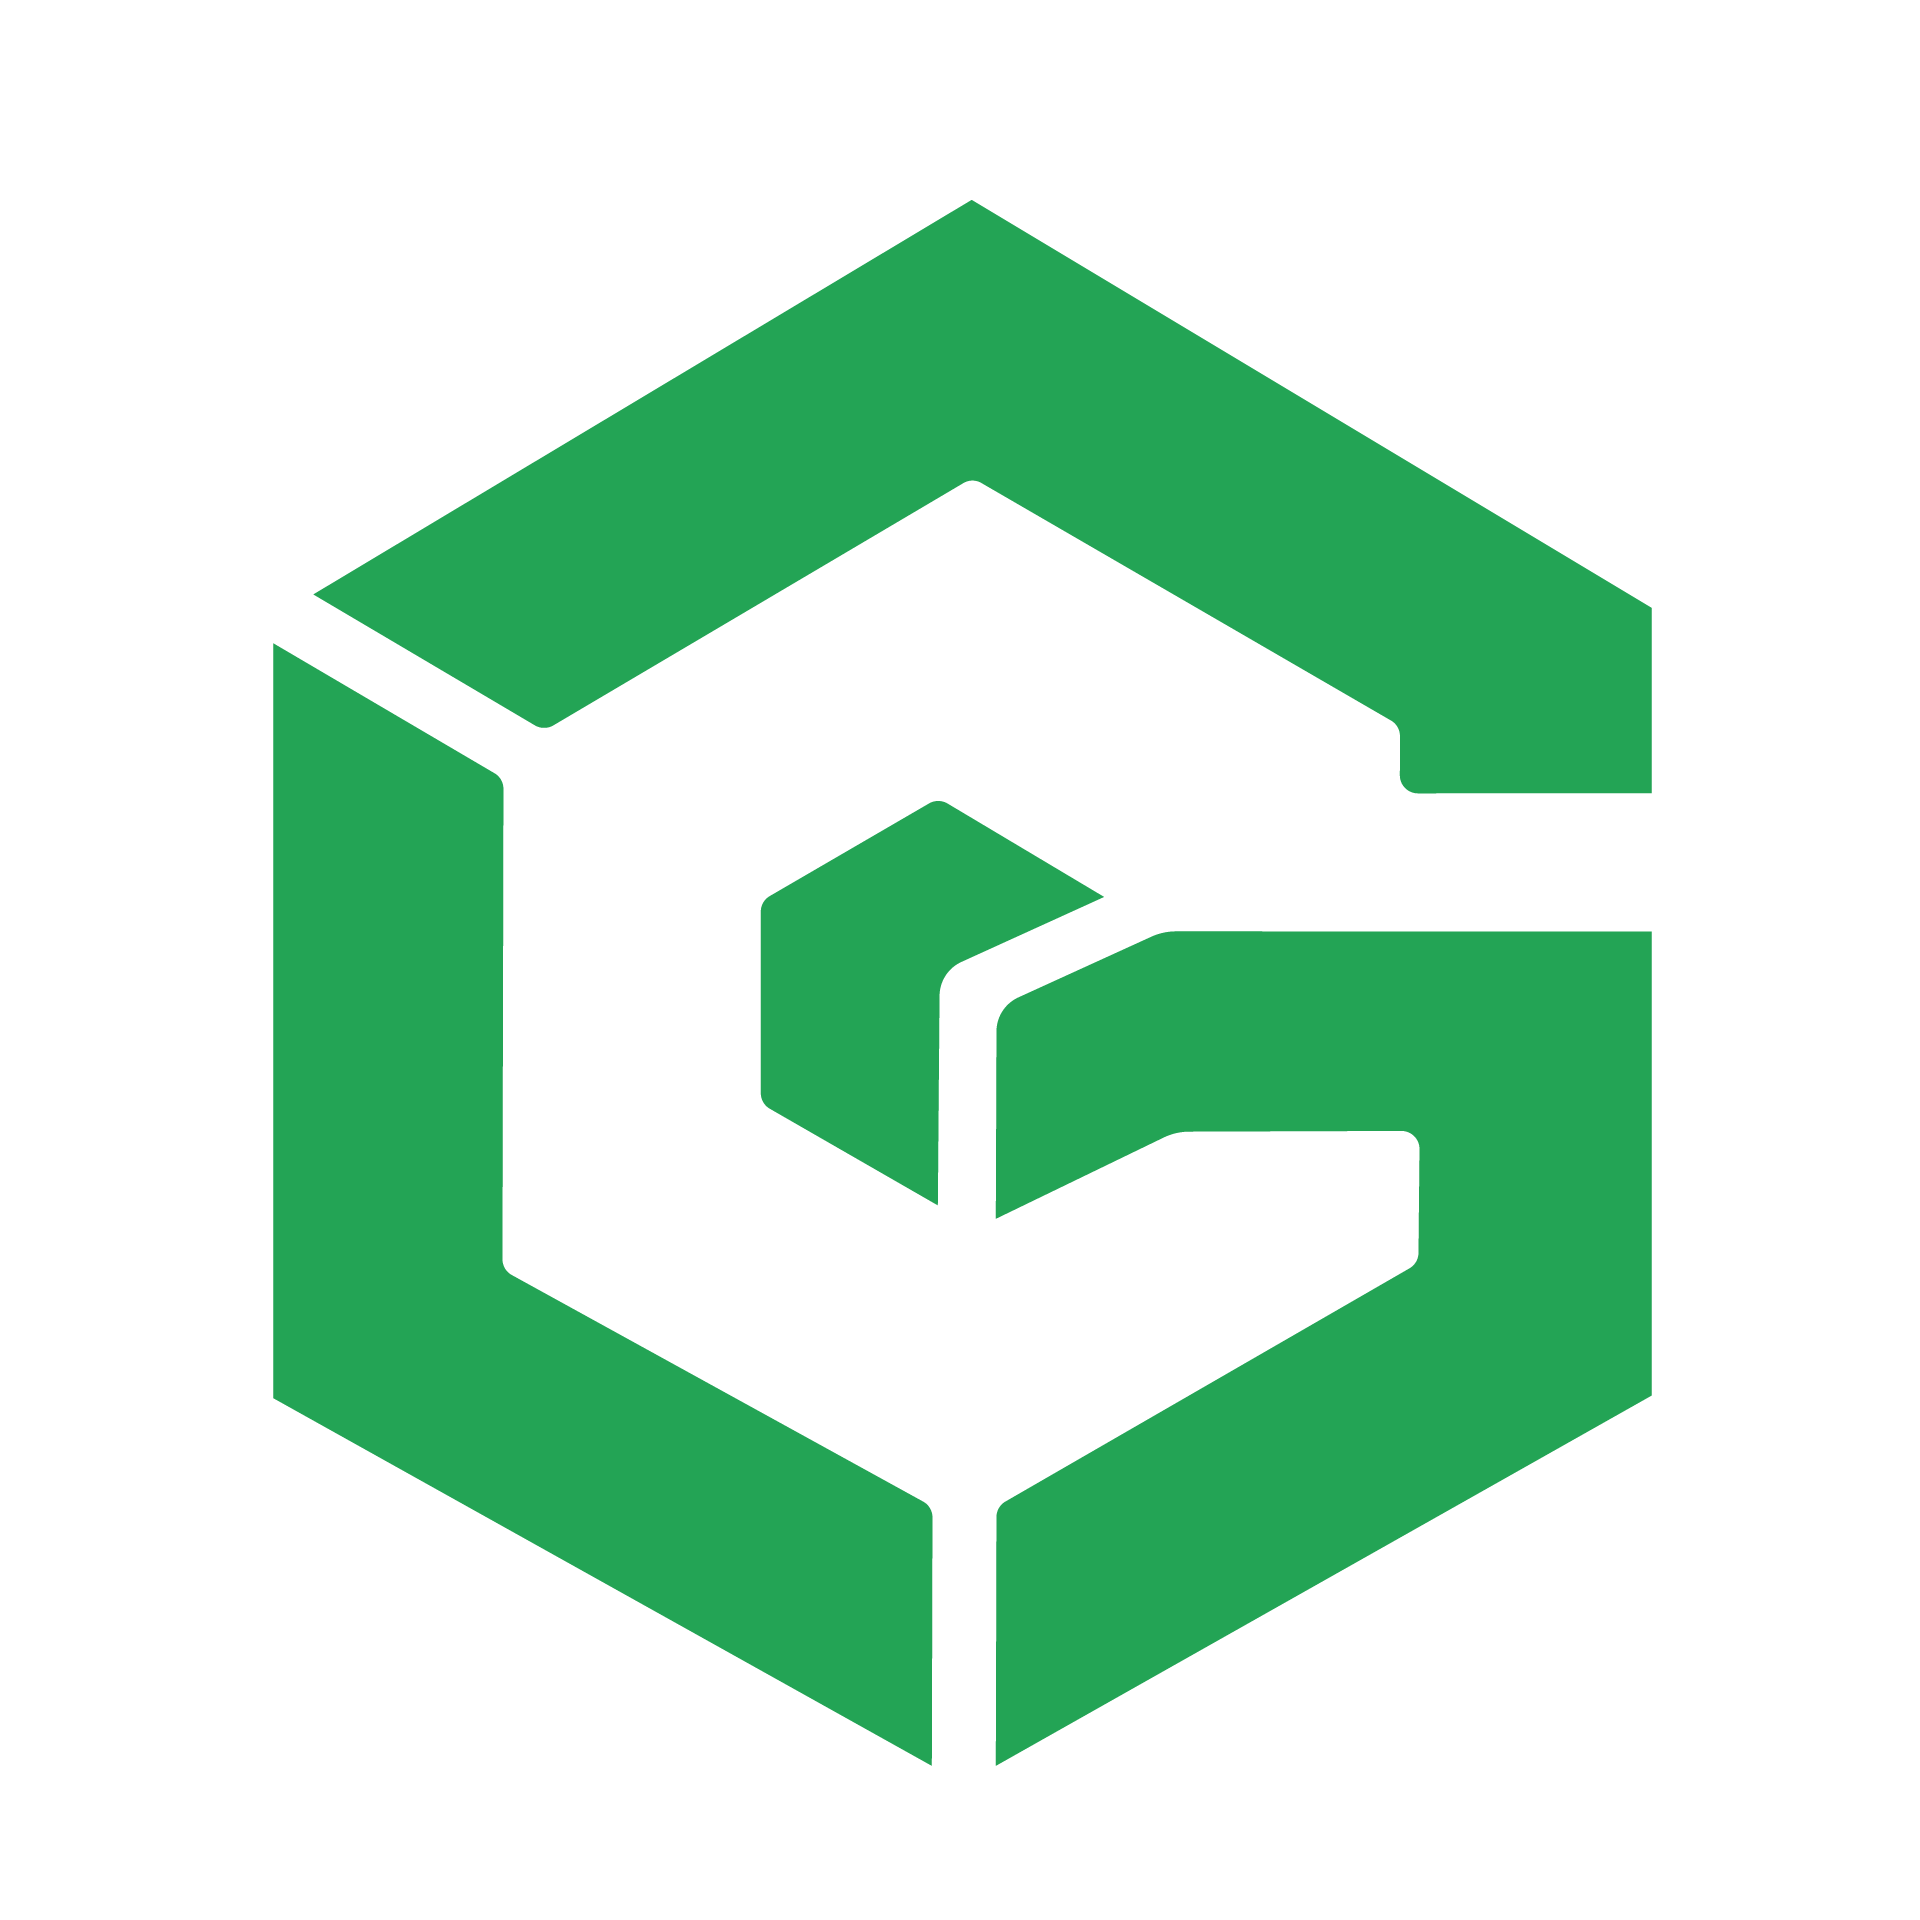 GTC_officiallogo